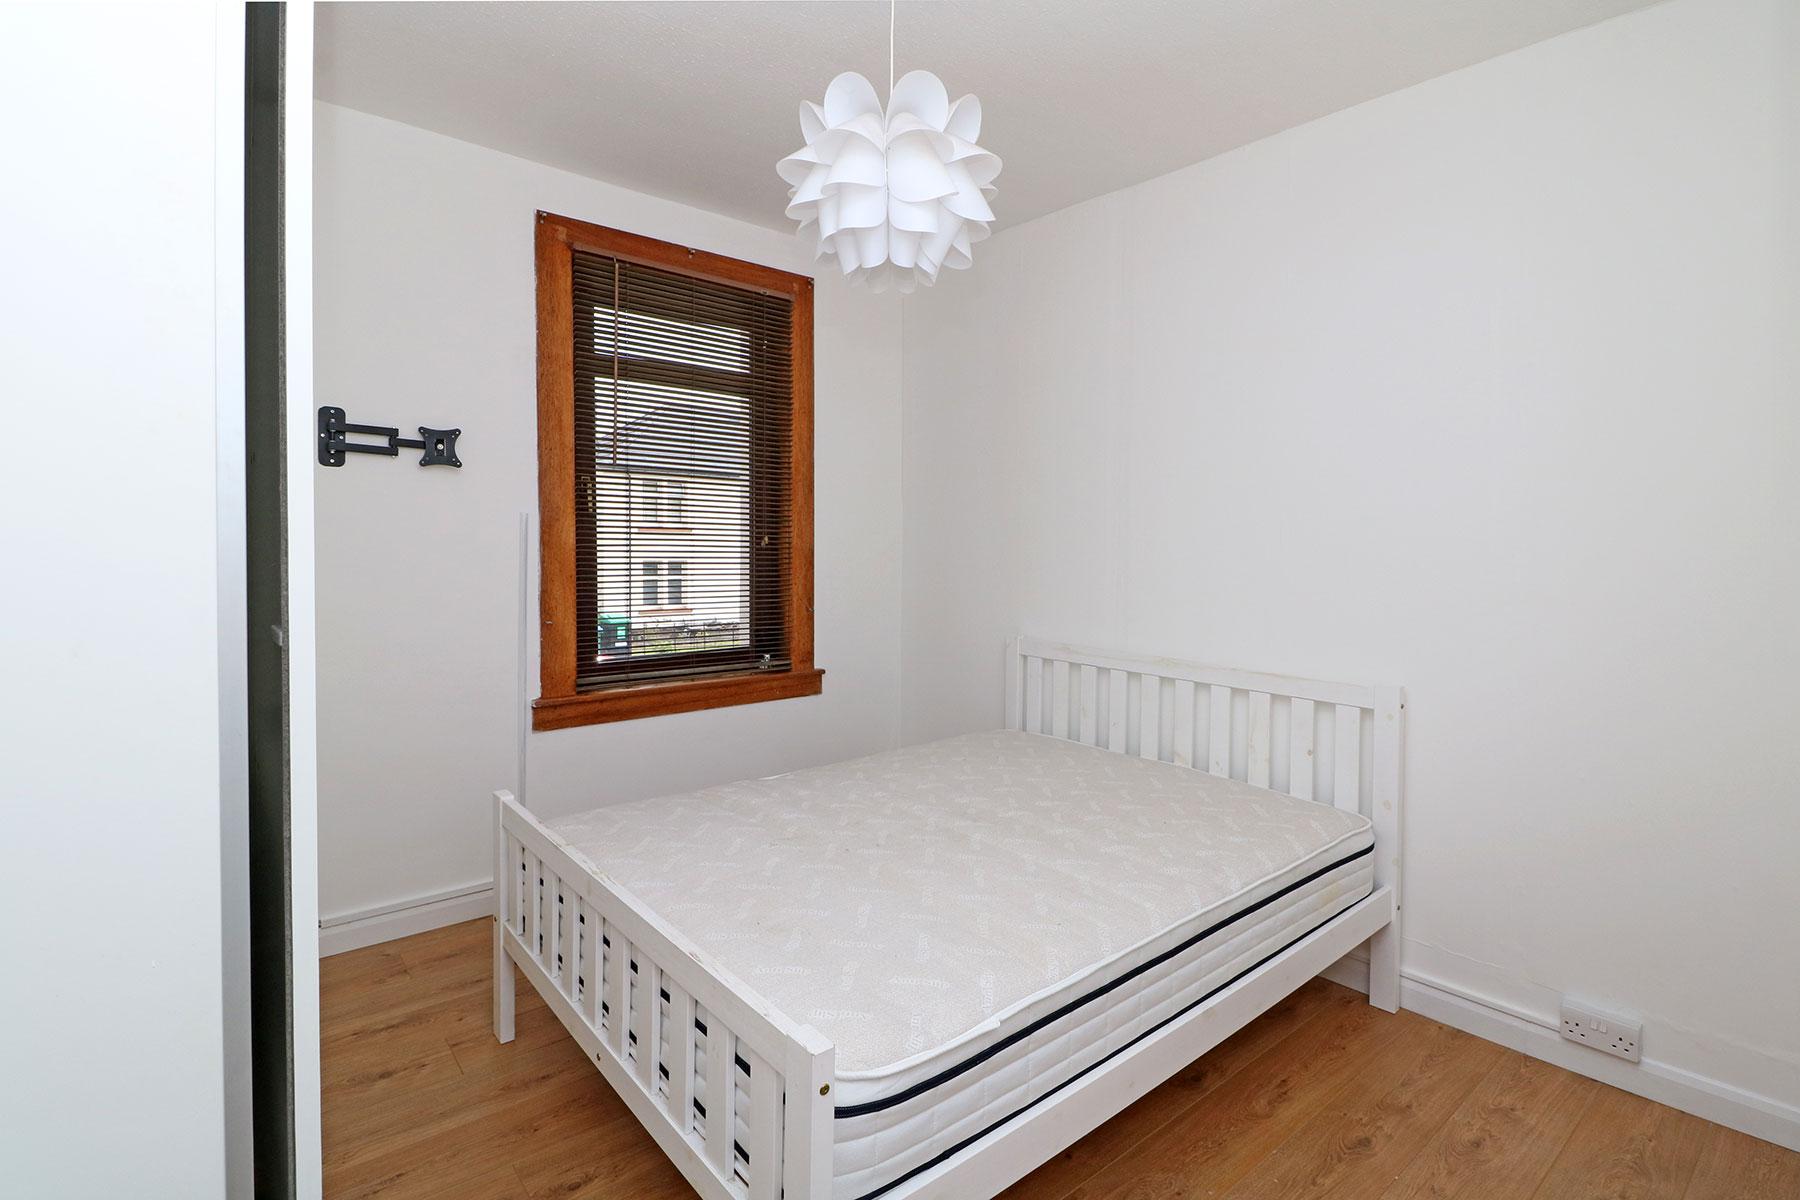 kerrsview-terrace-bedroom-1.jpg